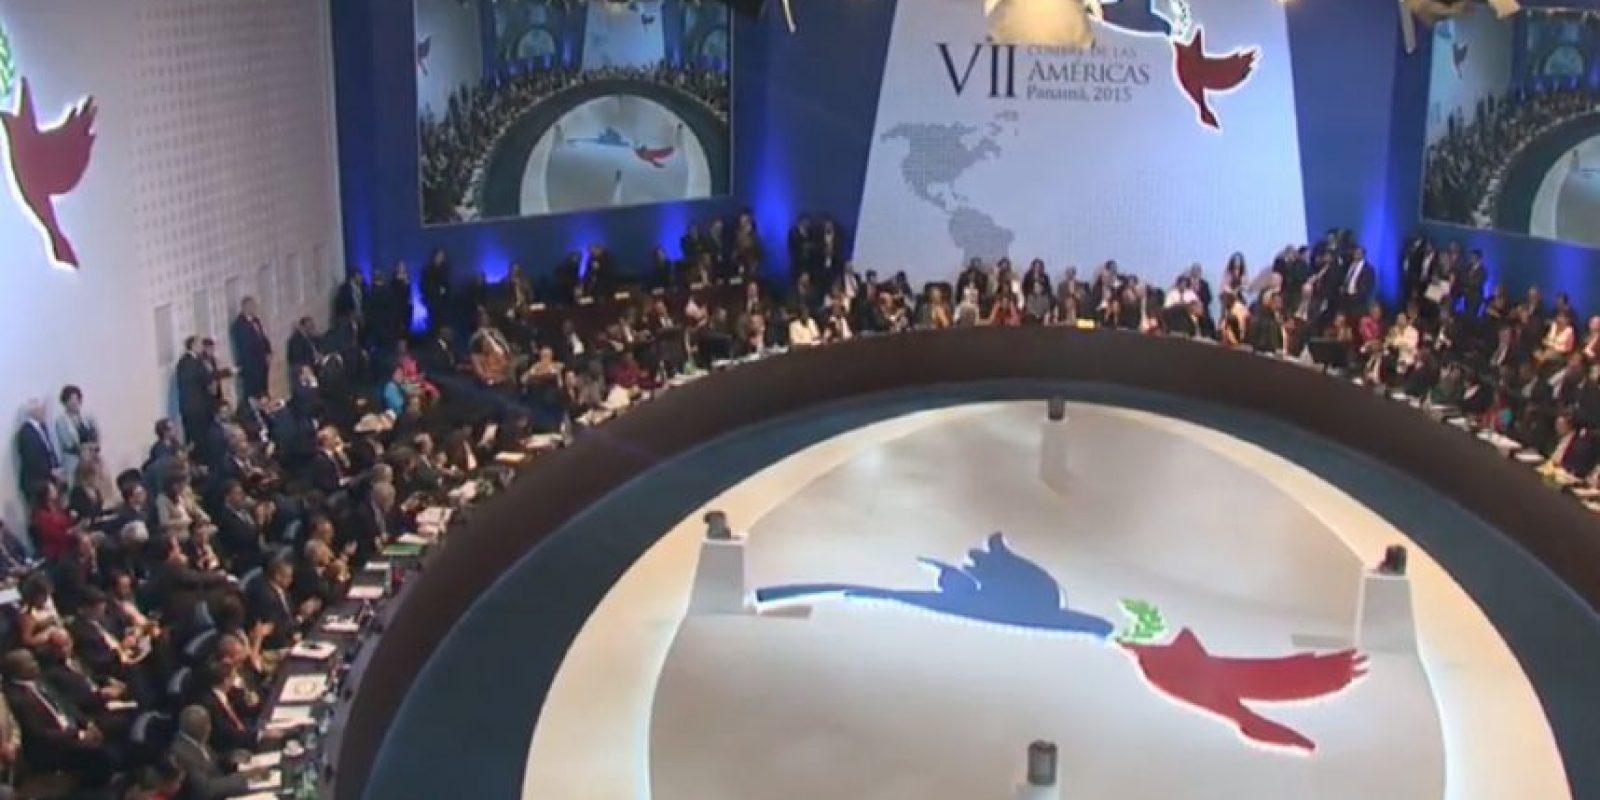 Así estaban acomodados los mandatarios en la primera sesión plenaria de la VII Cumbre de las Américas. Foto:Vía Twitter @CumbrePanama